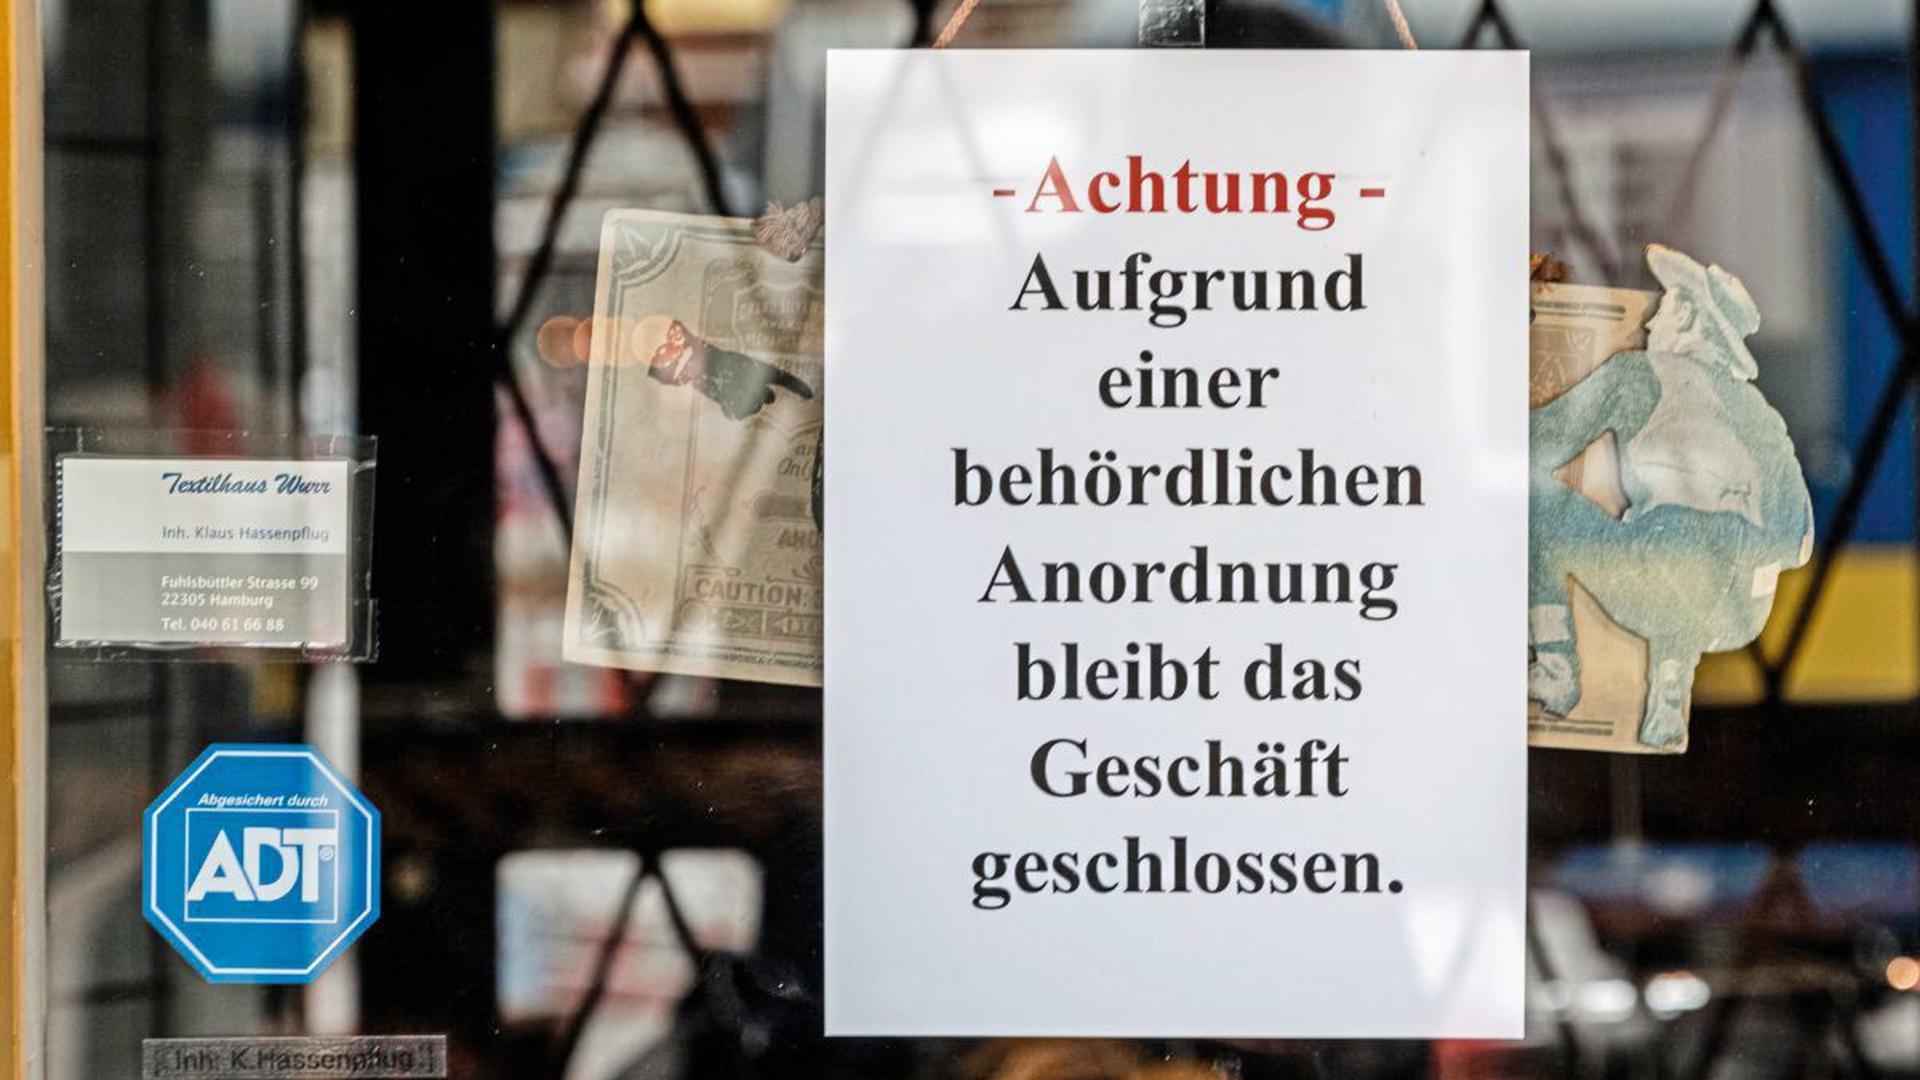 Seit Mittwoch müssen die meisten Läden in Baden-Württemberg zu bleiben.